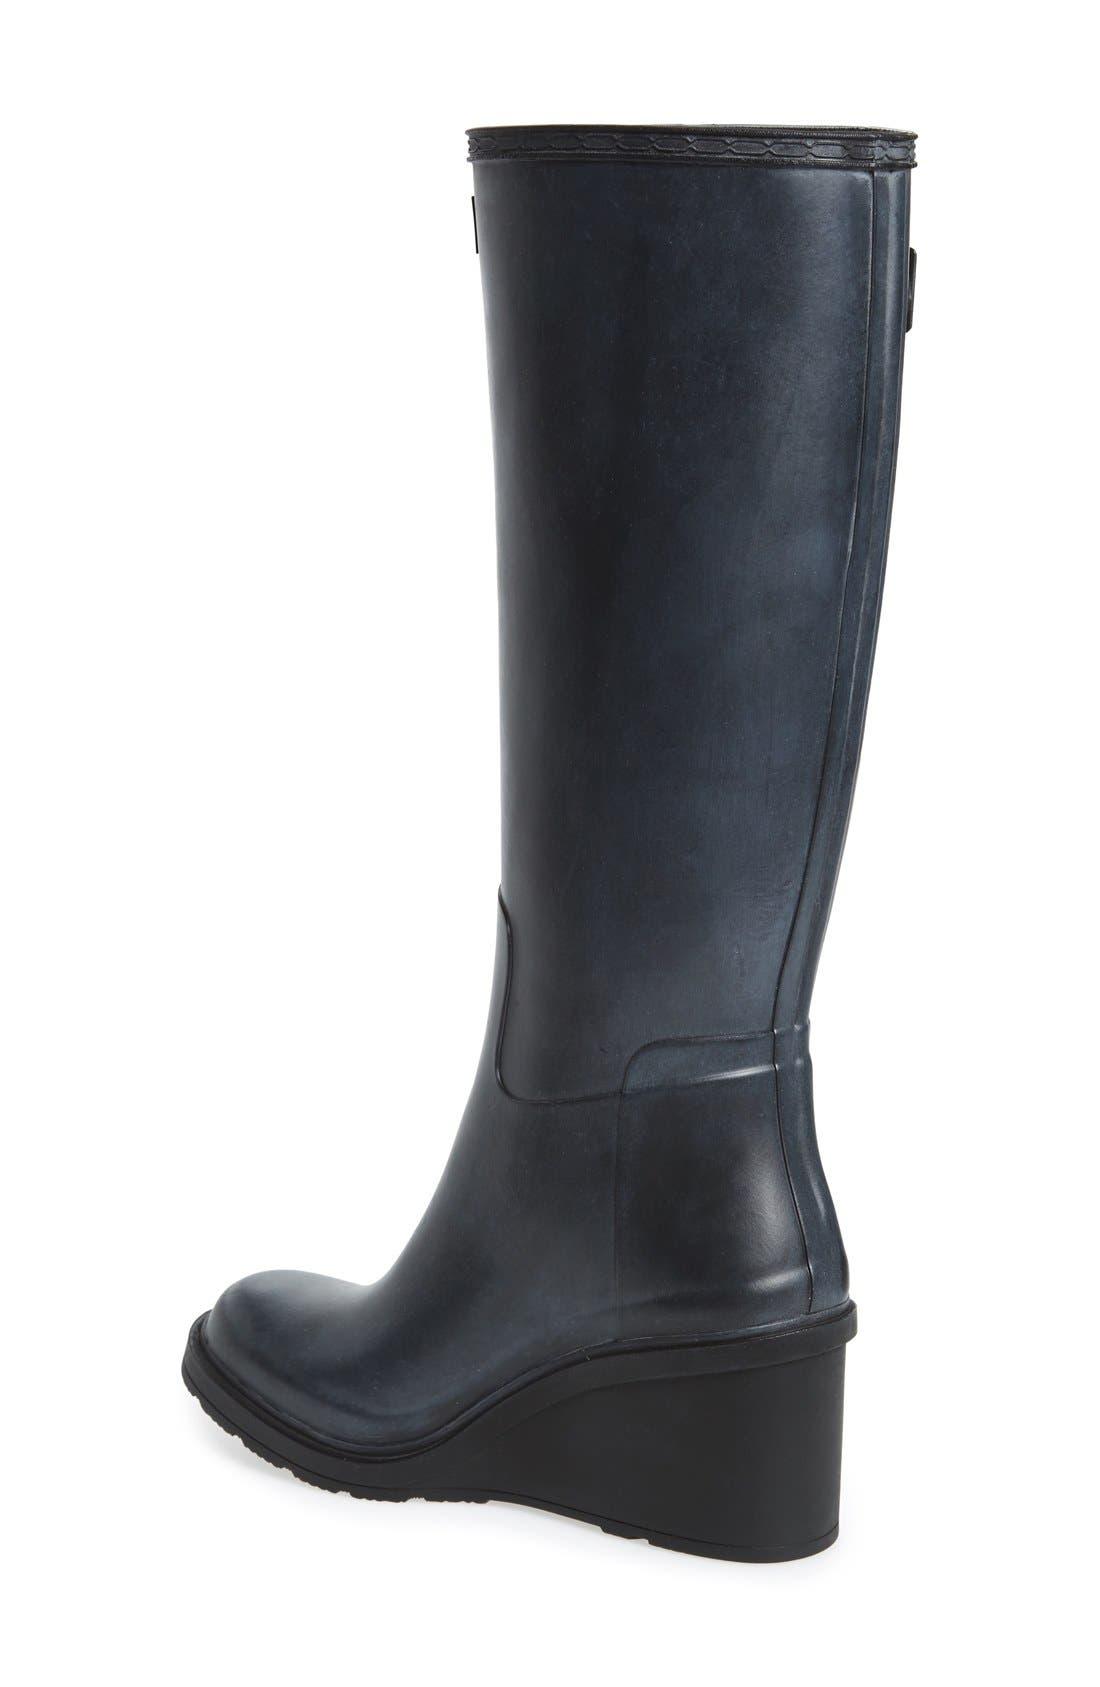 Alternate Image 2  - Hunter Original Refined Wedge Rain Boot (Women)